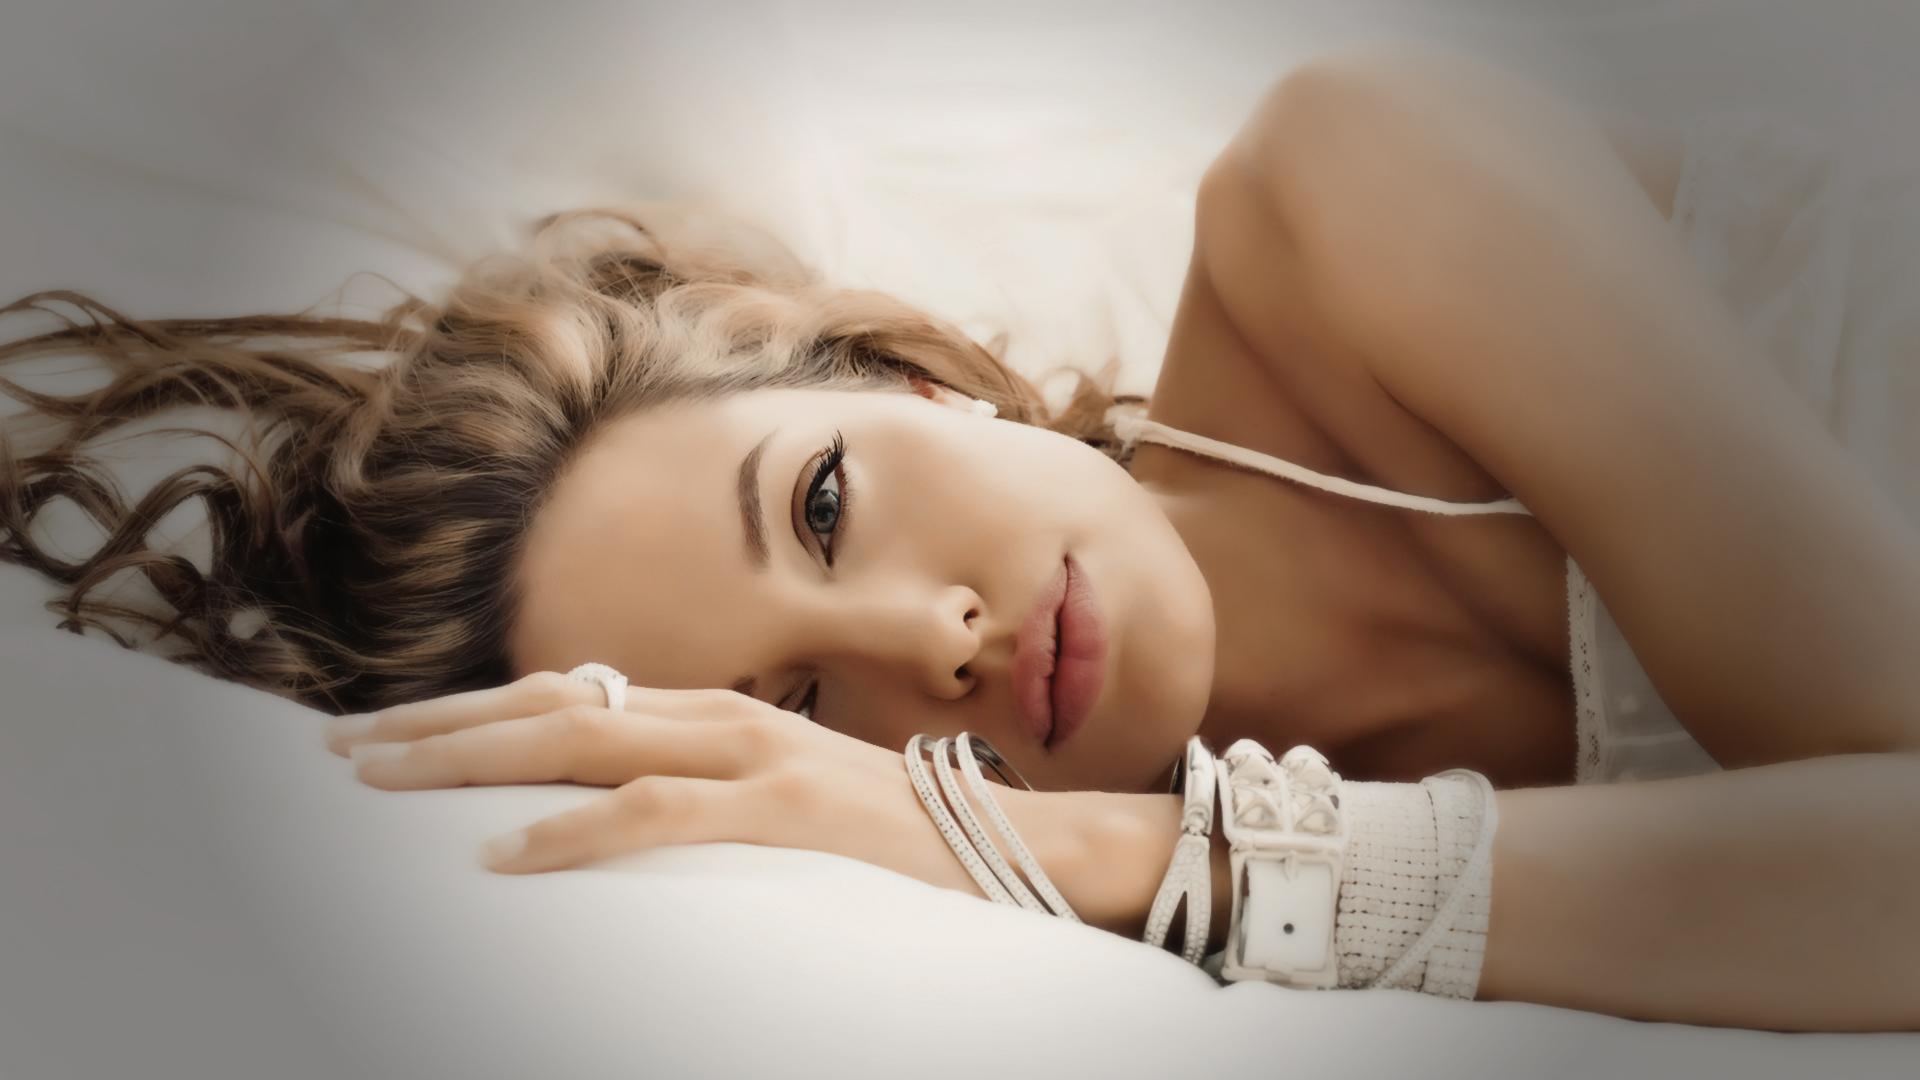 Angelina Jolie 9 wallpaper